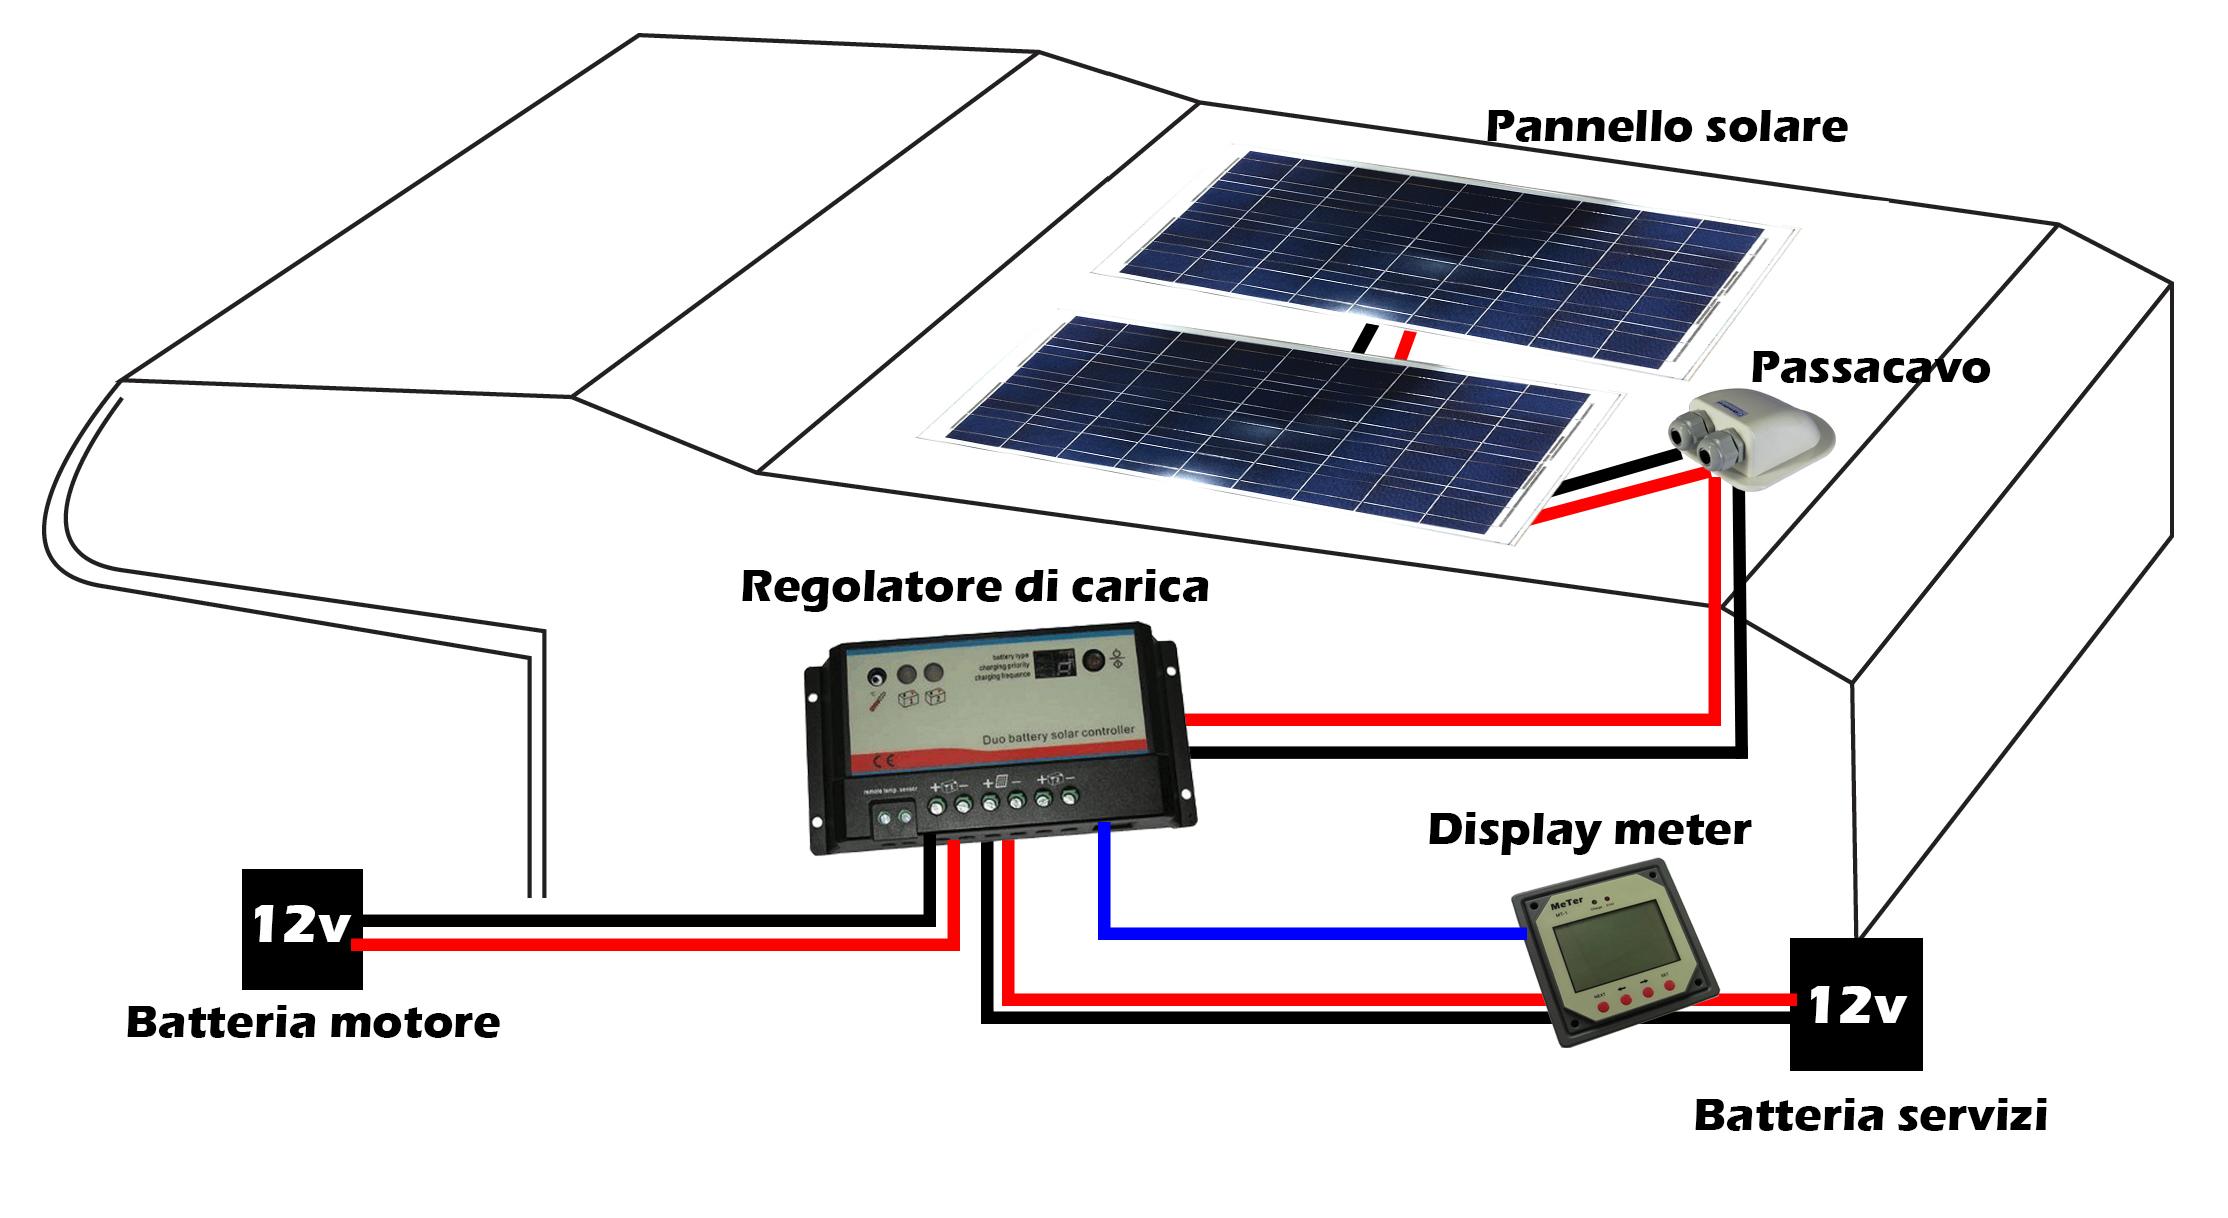 Regolatore Di Carica Pannello Solare : Regolatore di carica regduo a v ep solar series